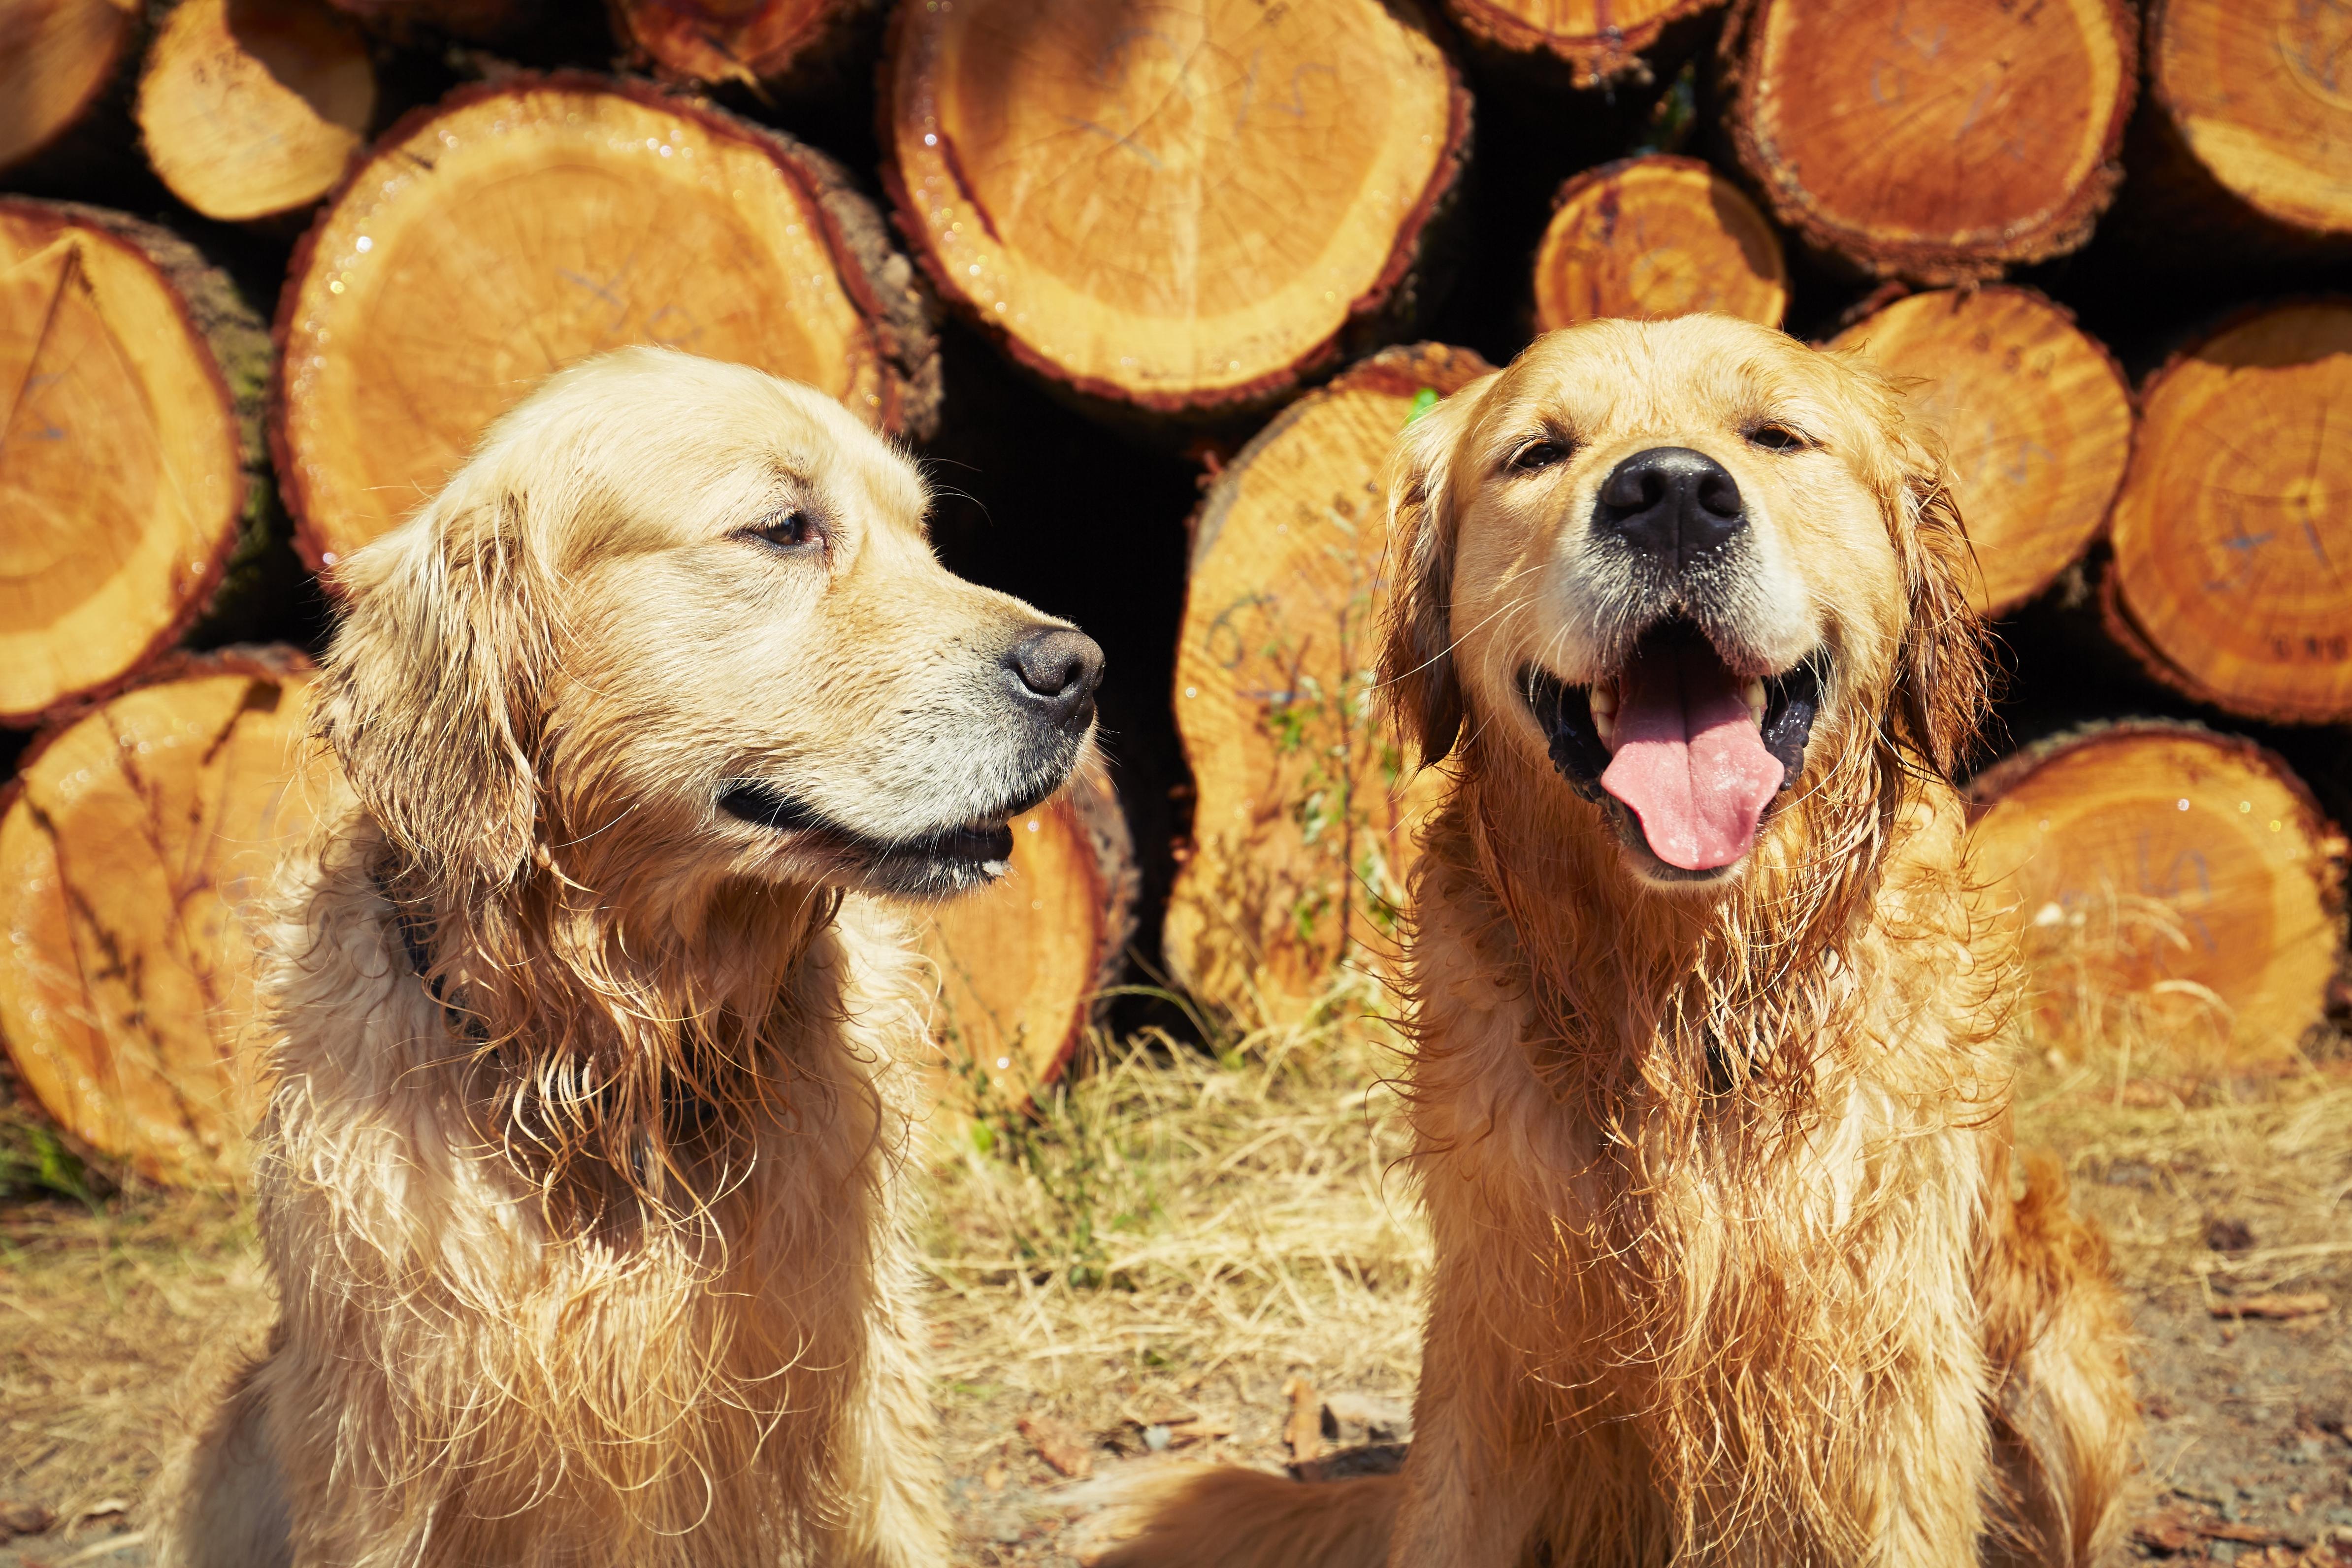 two-golden-retriever-dogs-PJTDUVN